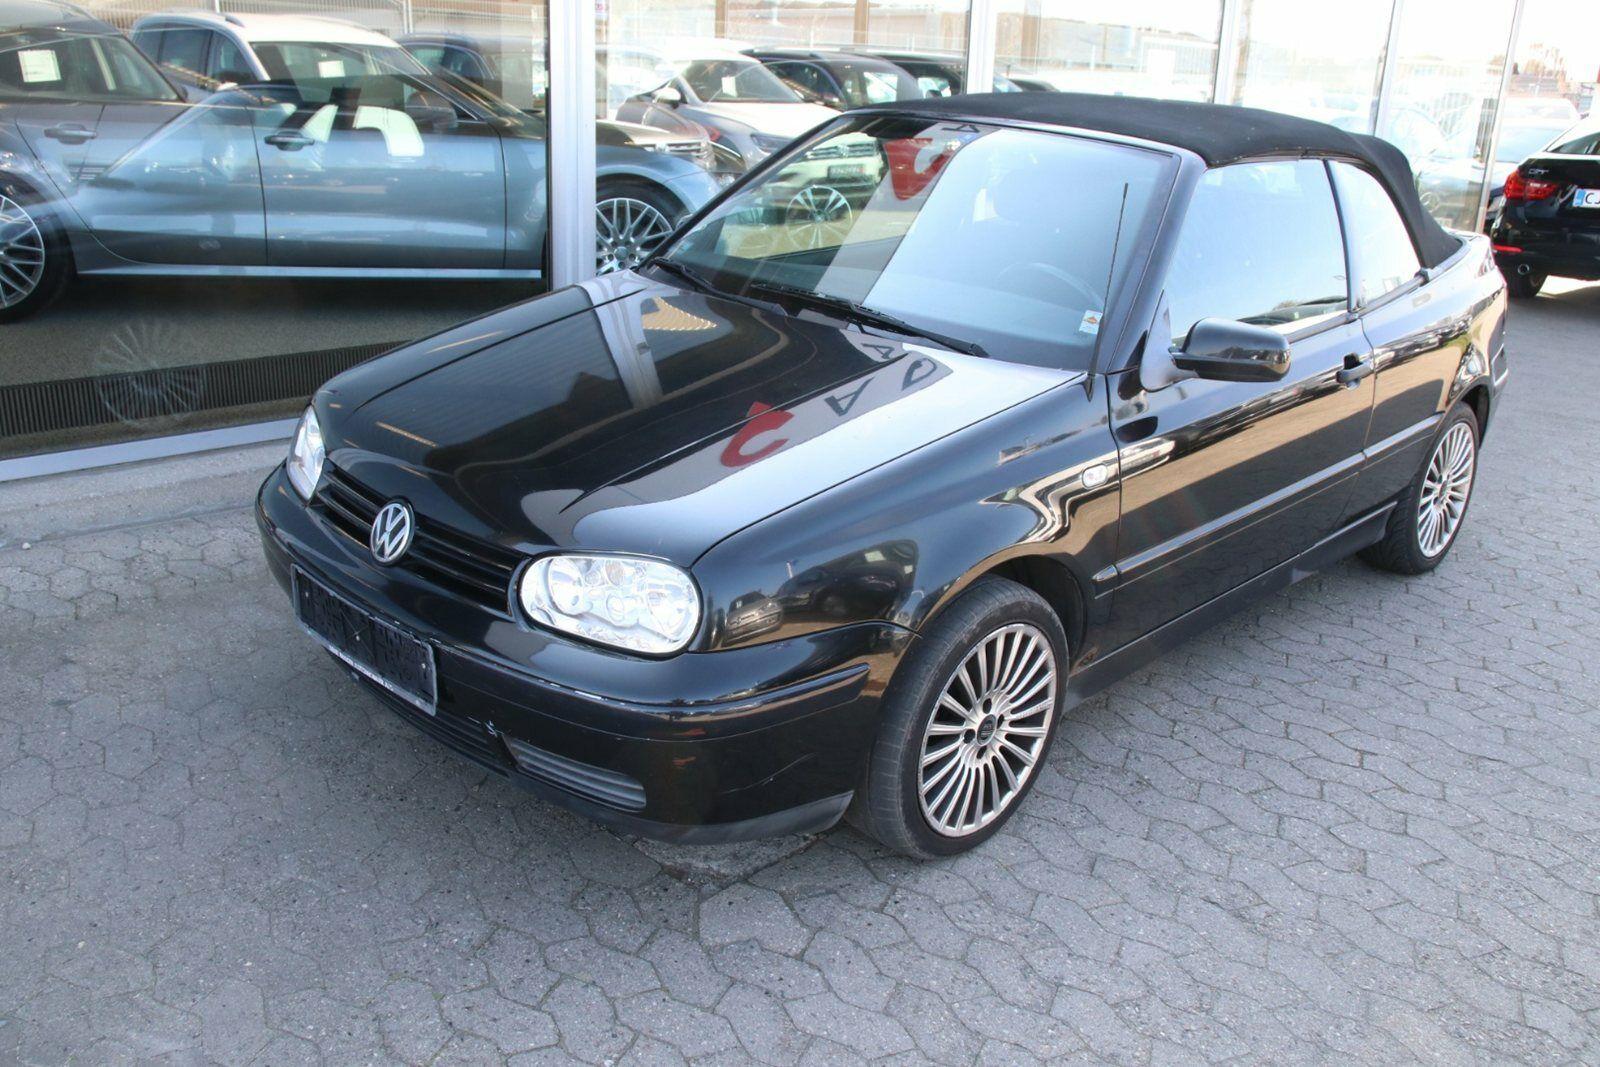 VW Golf IV 1,6 Comfortline Cabriolet 2d - 34.900 kr.